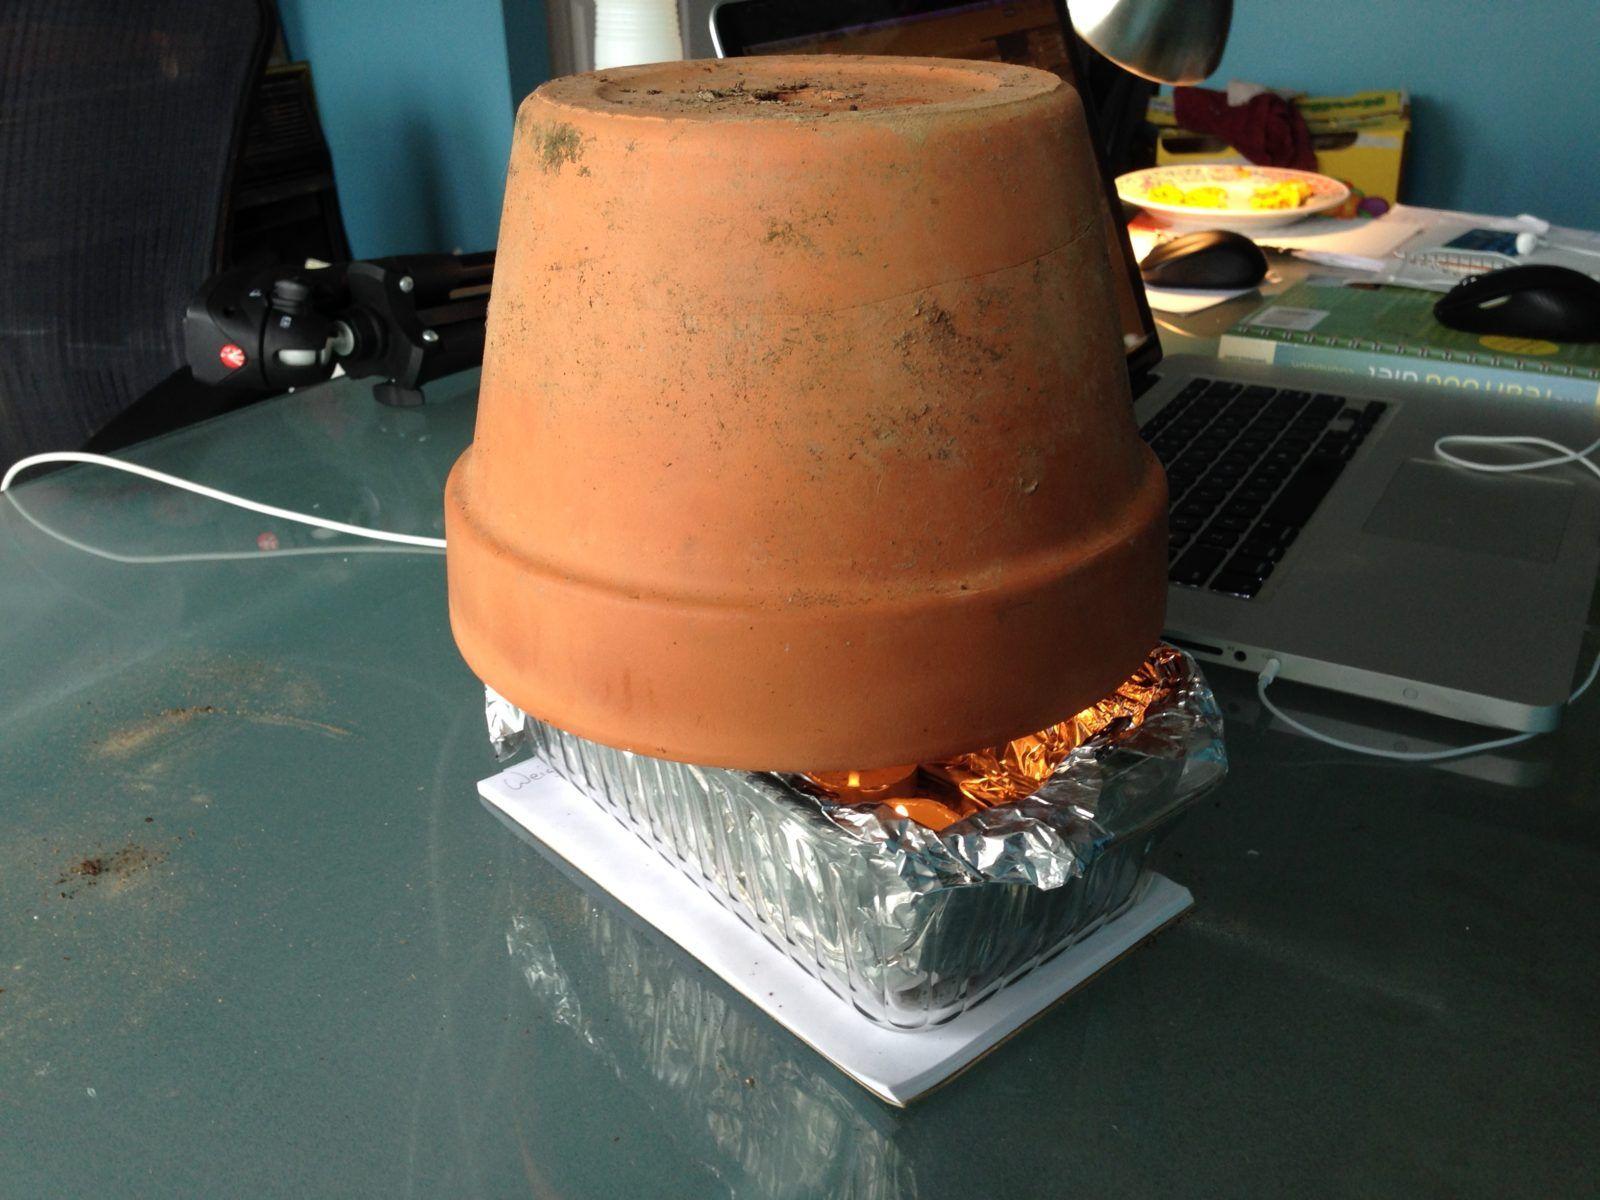 chauffage syst me d 39 appoint fait avec 2 pots en terre cuite tutoriel 36 objets pratiques. Black Bedroom Furniture Sets. Home Design Ideas